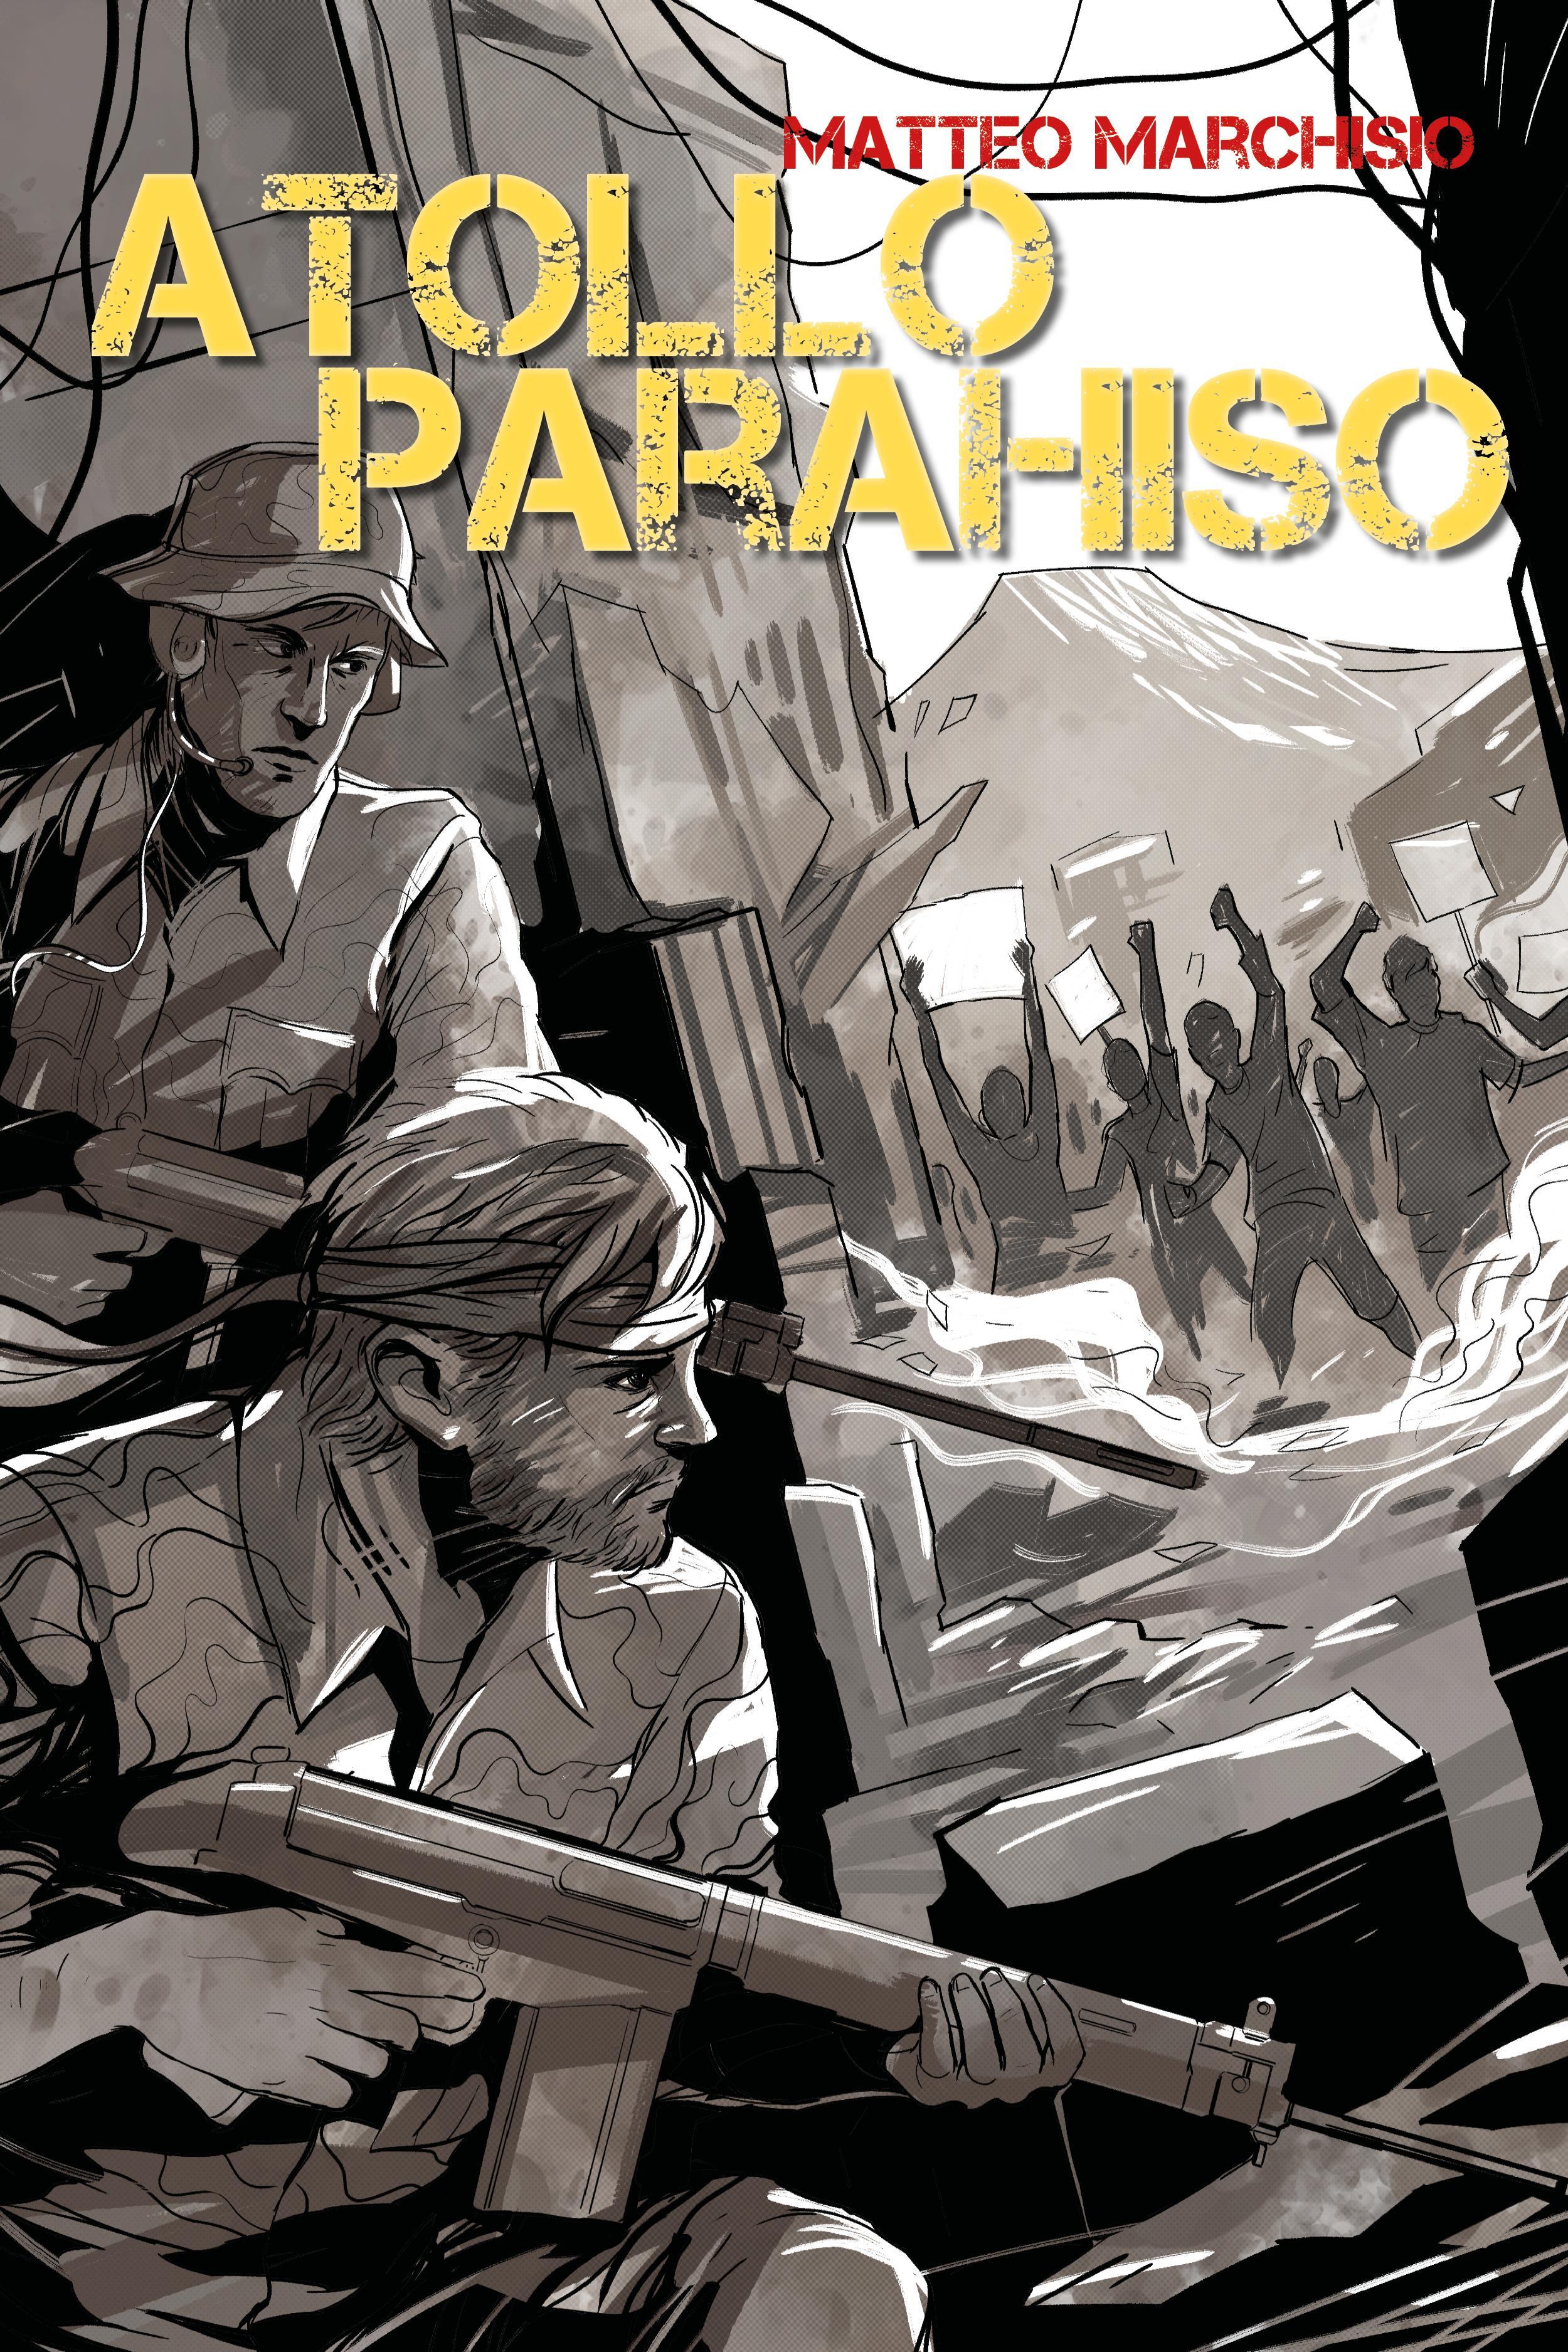 DOSSIER HATEFIELD: Atollo Parahiso [5 di 5]